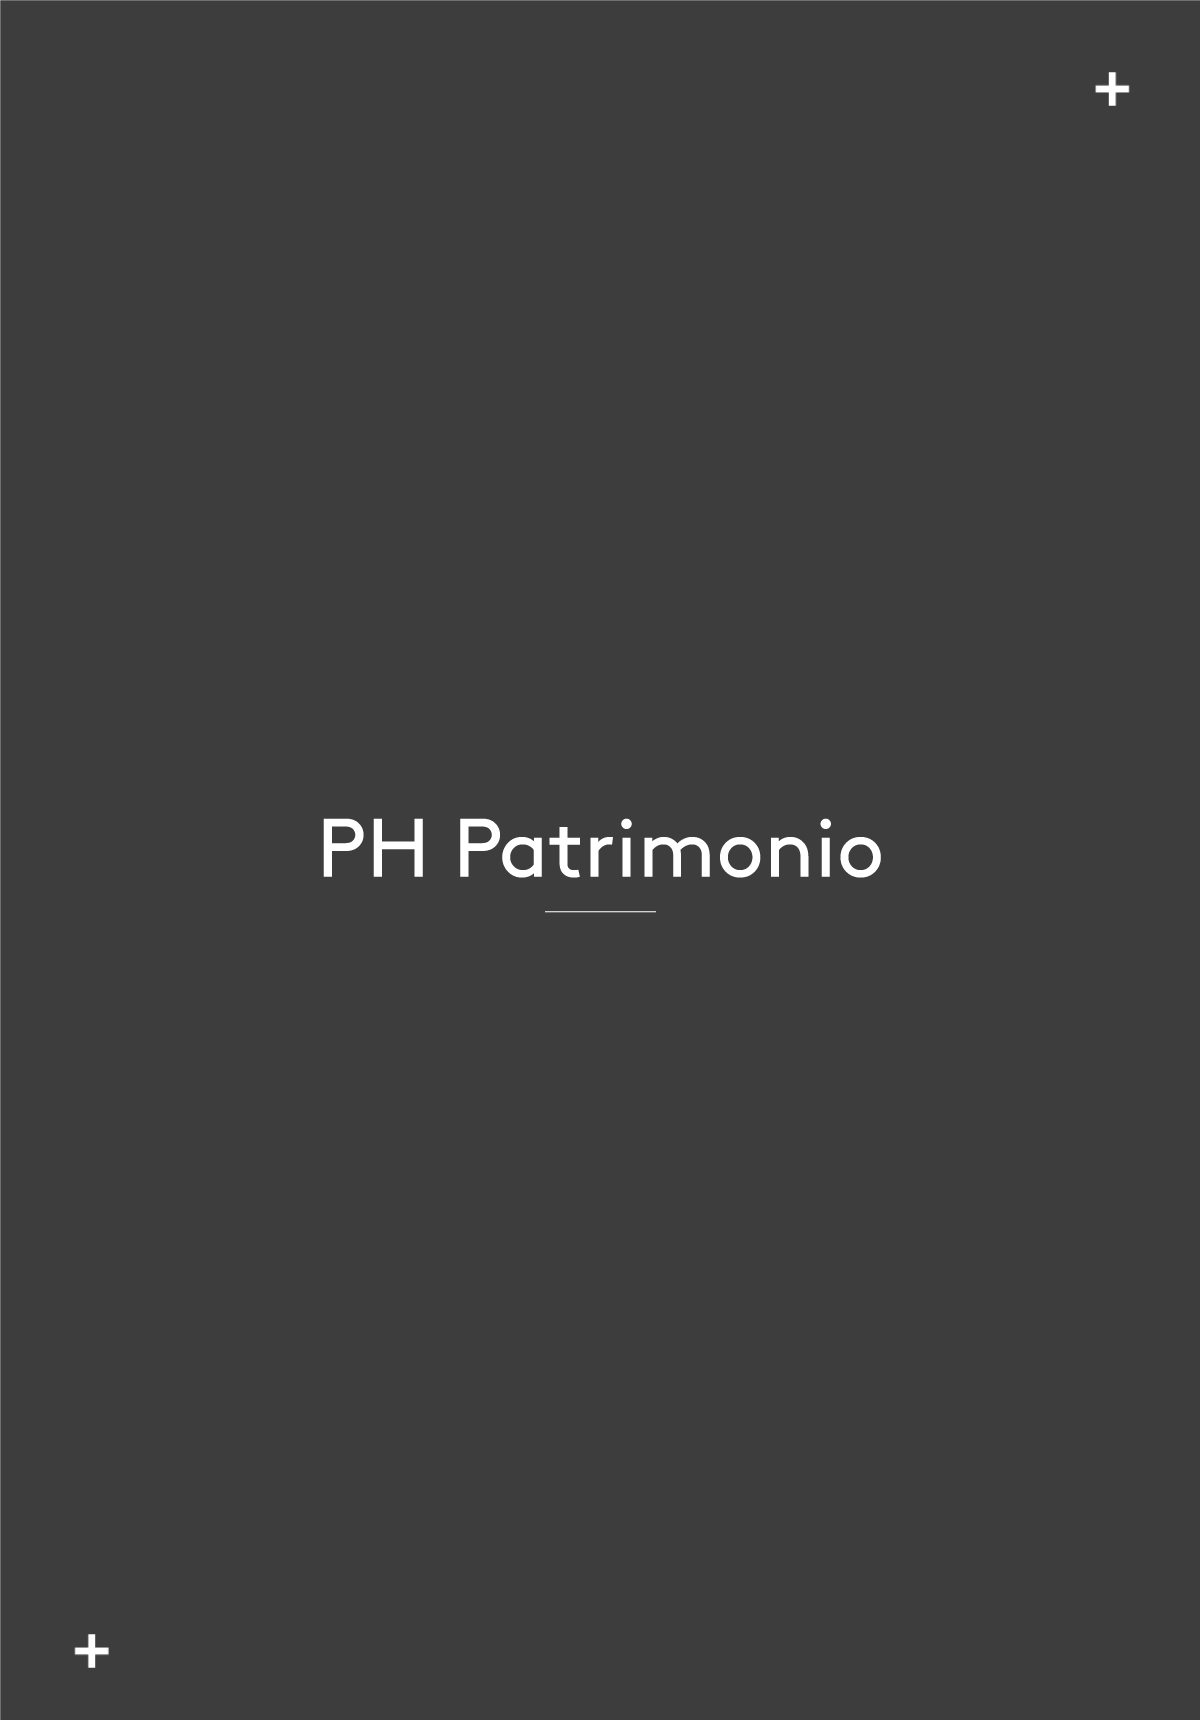 Proyecto-Patrimonio